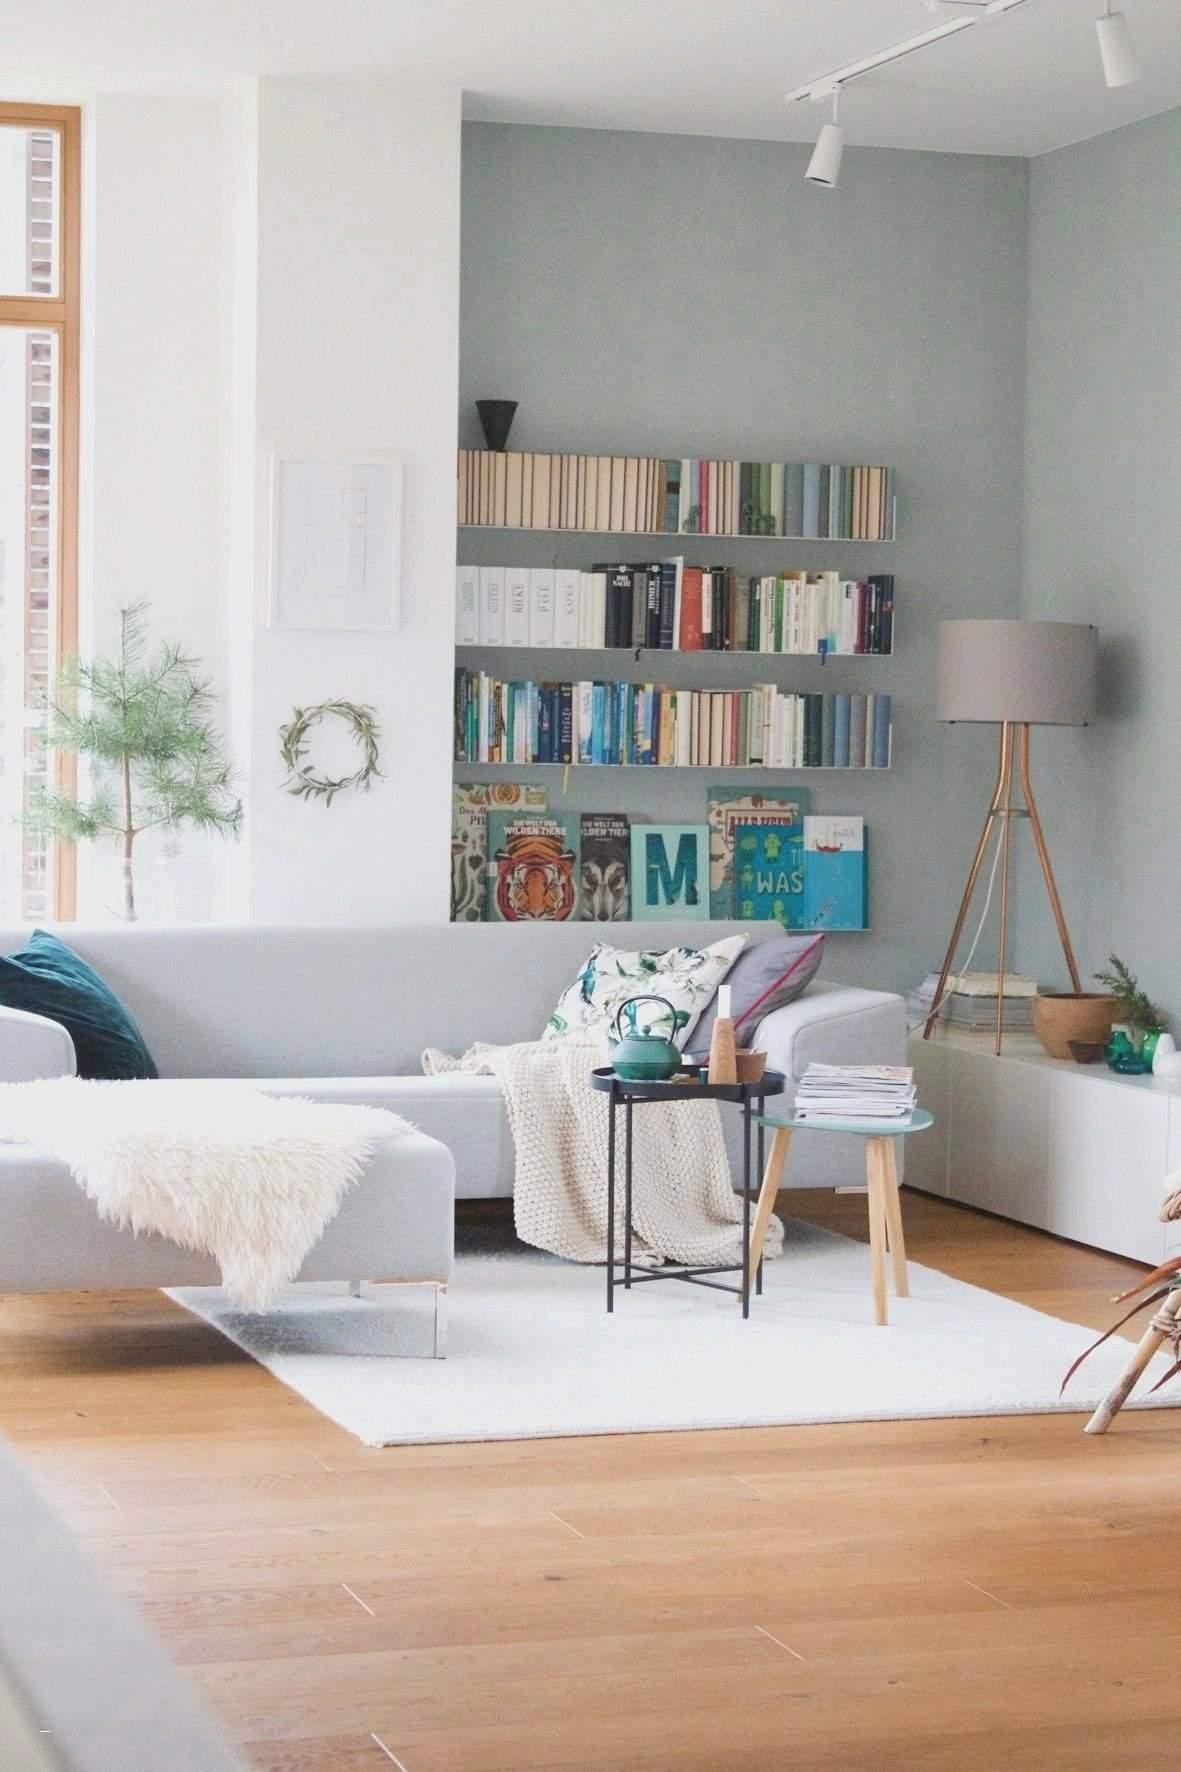 wohnzimmer 2015 einzigartig 48 genial schwarz weis deko ideen of wohnzimmer 2015